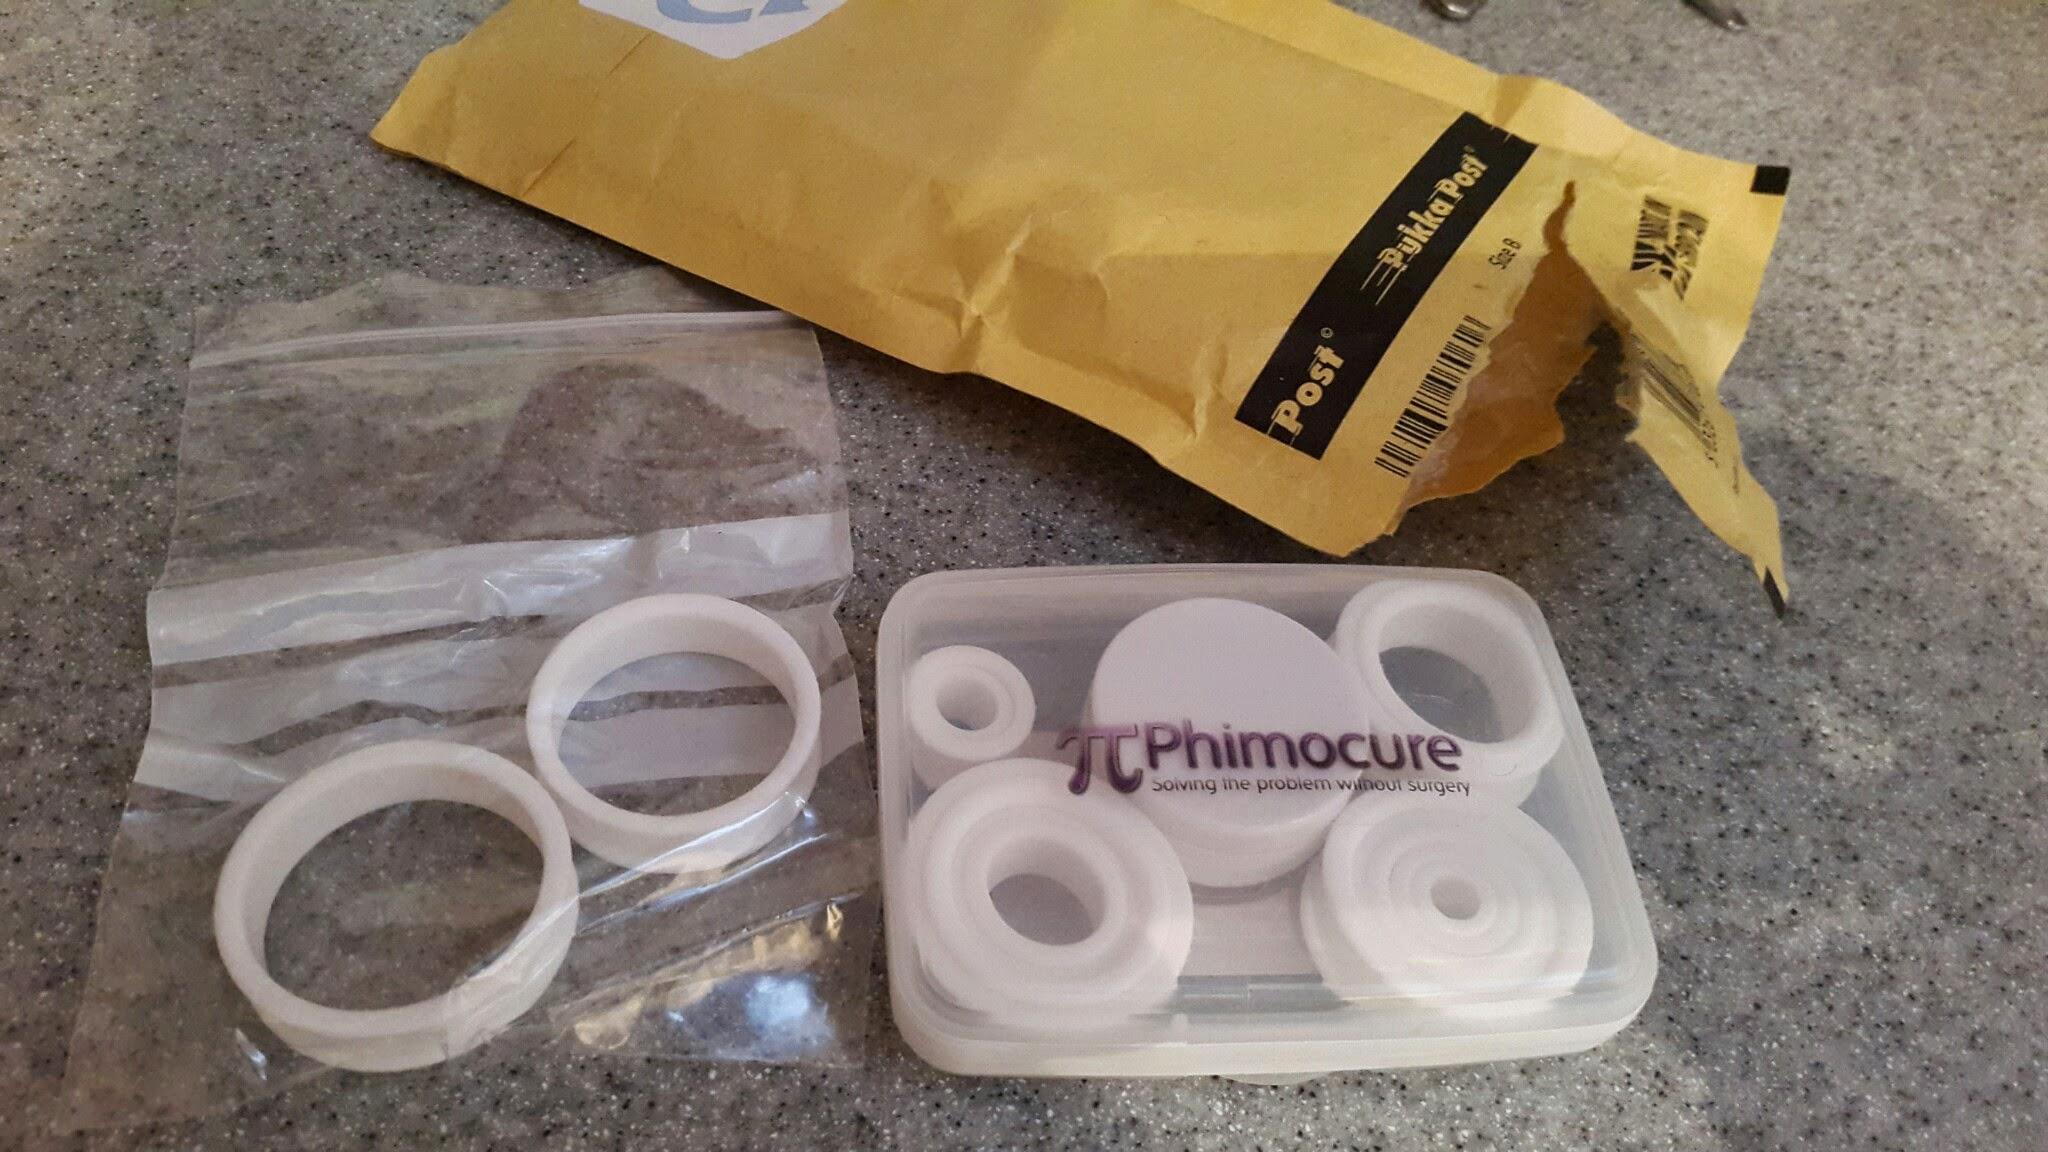 Phimocure rings